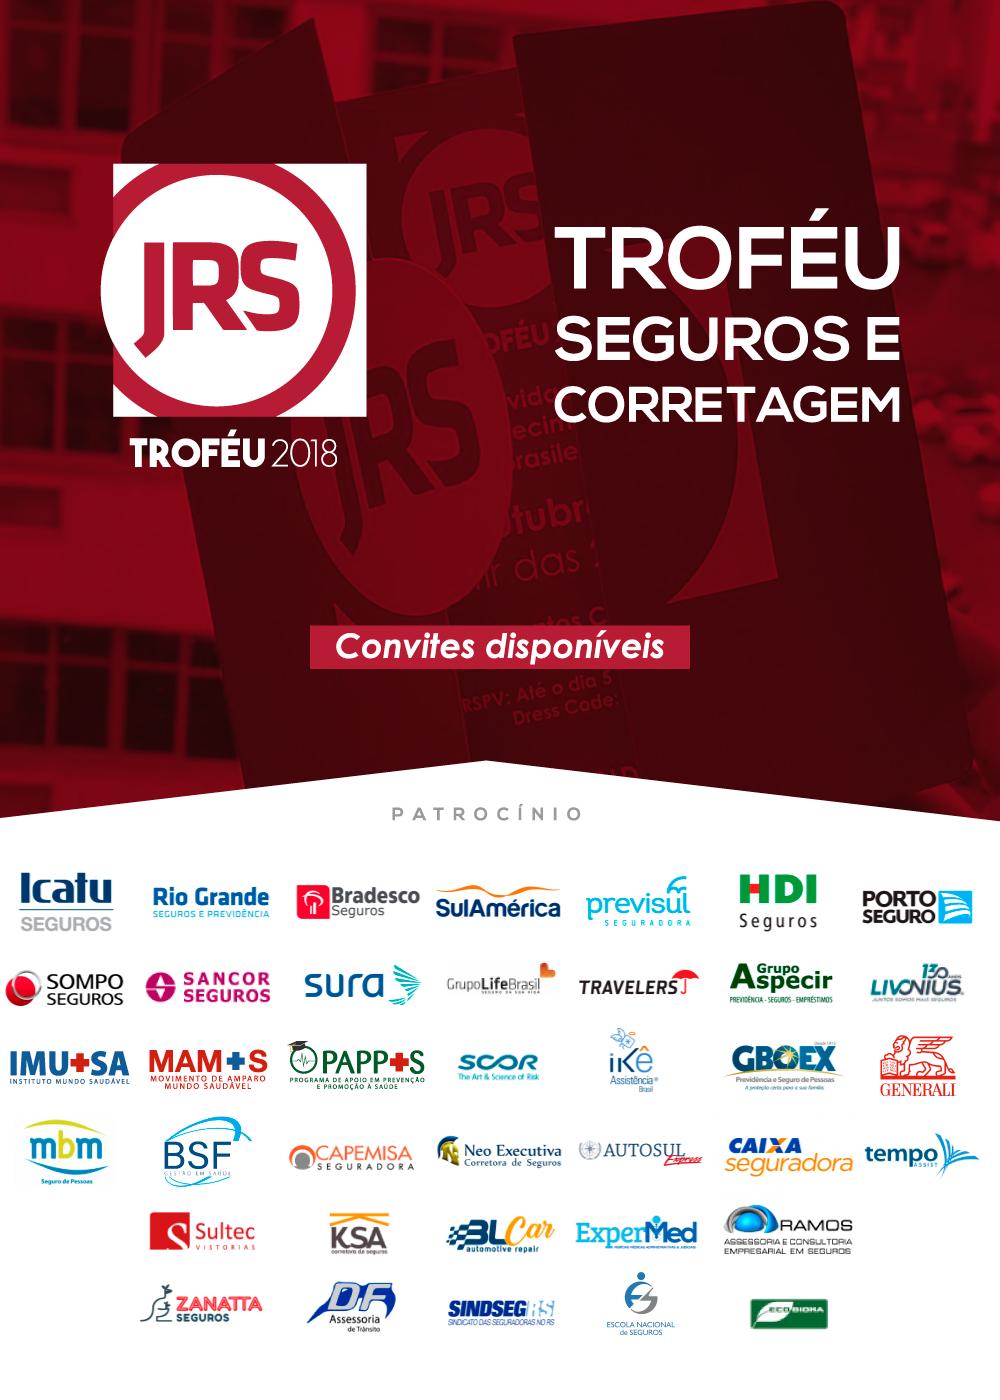 Troféu JRS acontece no dia 19 de outubro, em Porto Alegre (RS)